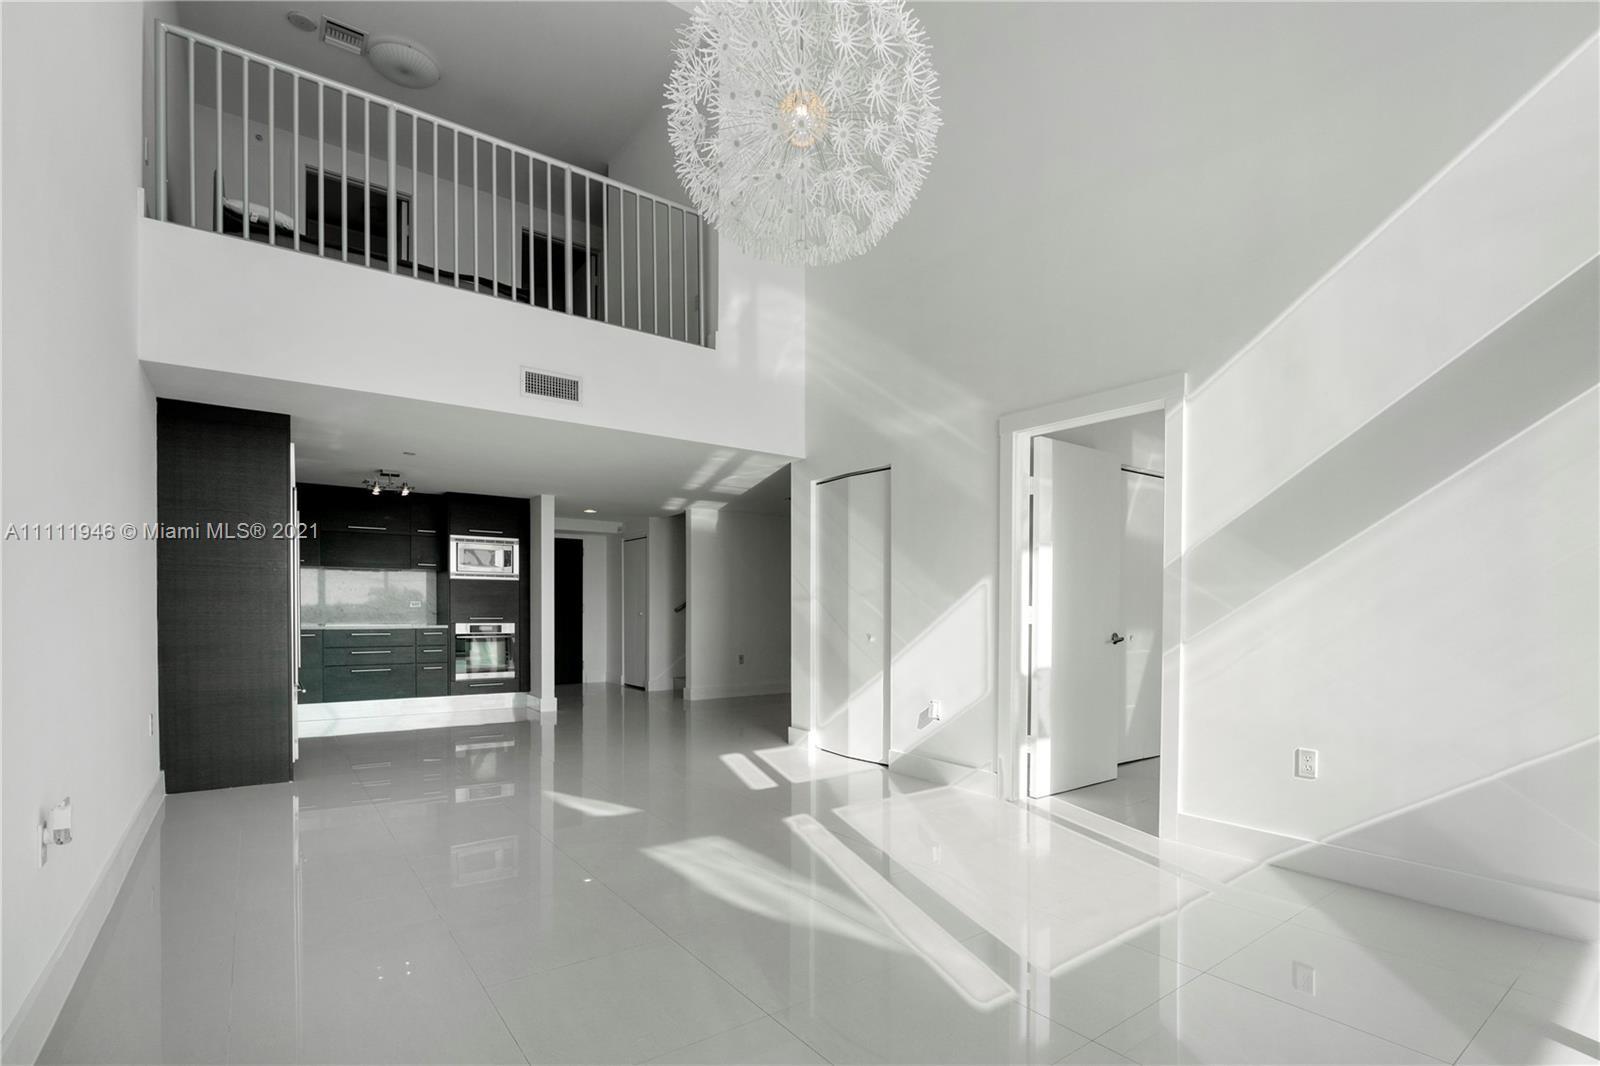 900 Biscayne Bay #507 - 900 Biscayne Blvd #507, Miami, FL 33132